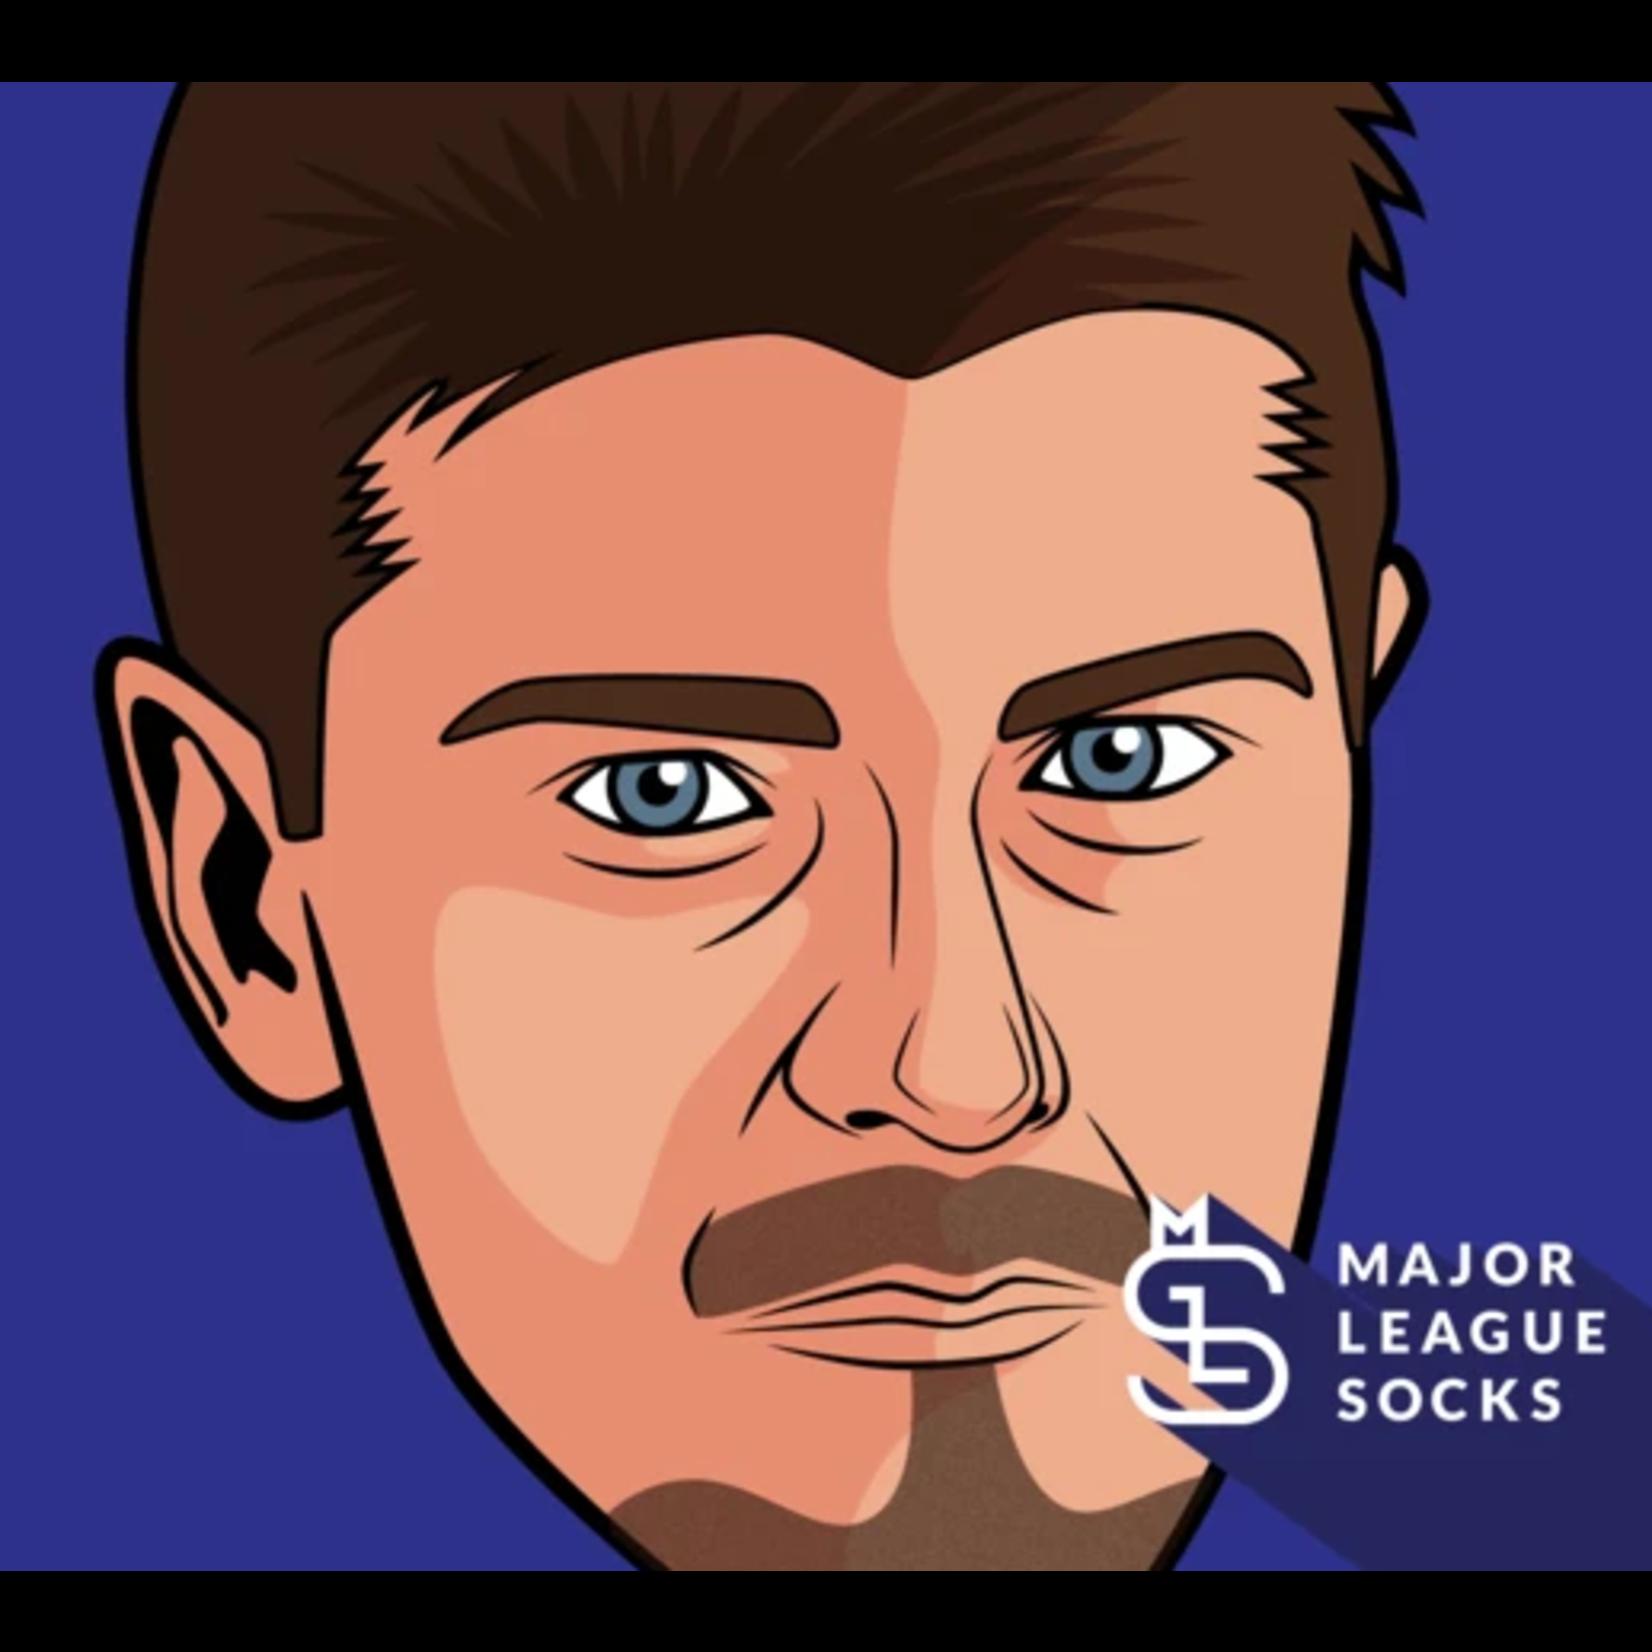 Major League Socks - Mark Scheifele